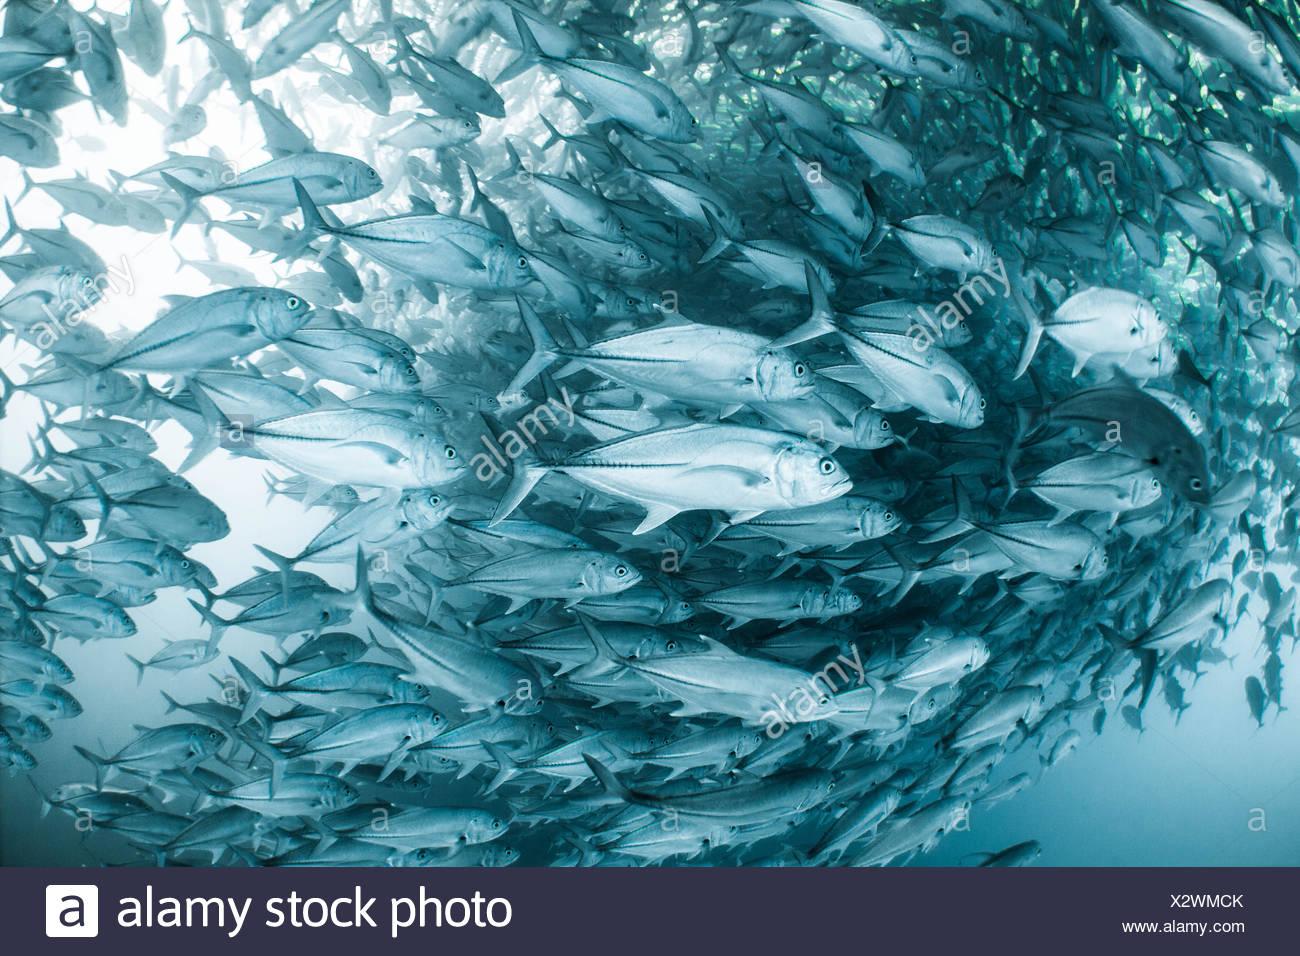 Eine große Schule von Pferd Auge Makrelen im Naturschutzgebiet Cabo Pulmo in Baja, Mexiko. Stockbild